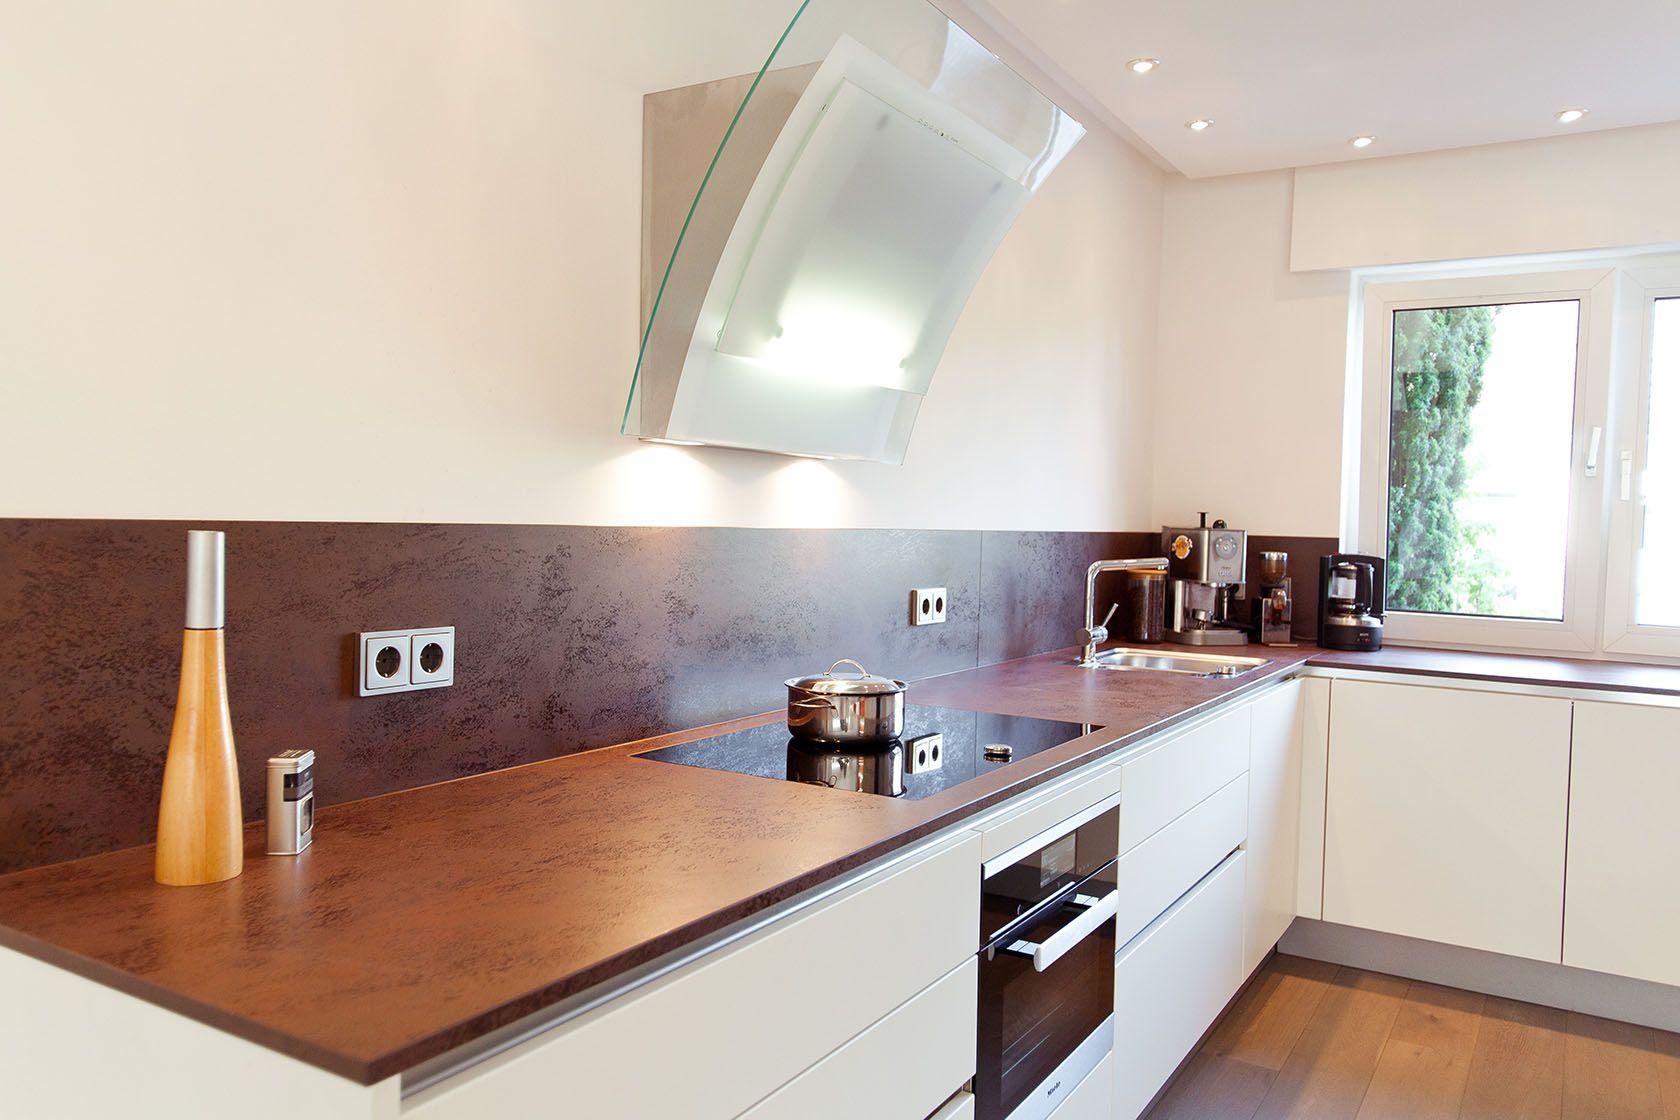 bildergebnis für küchenarbeitsplatte keramik küche